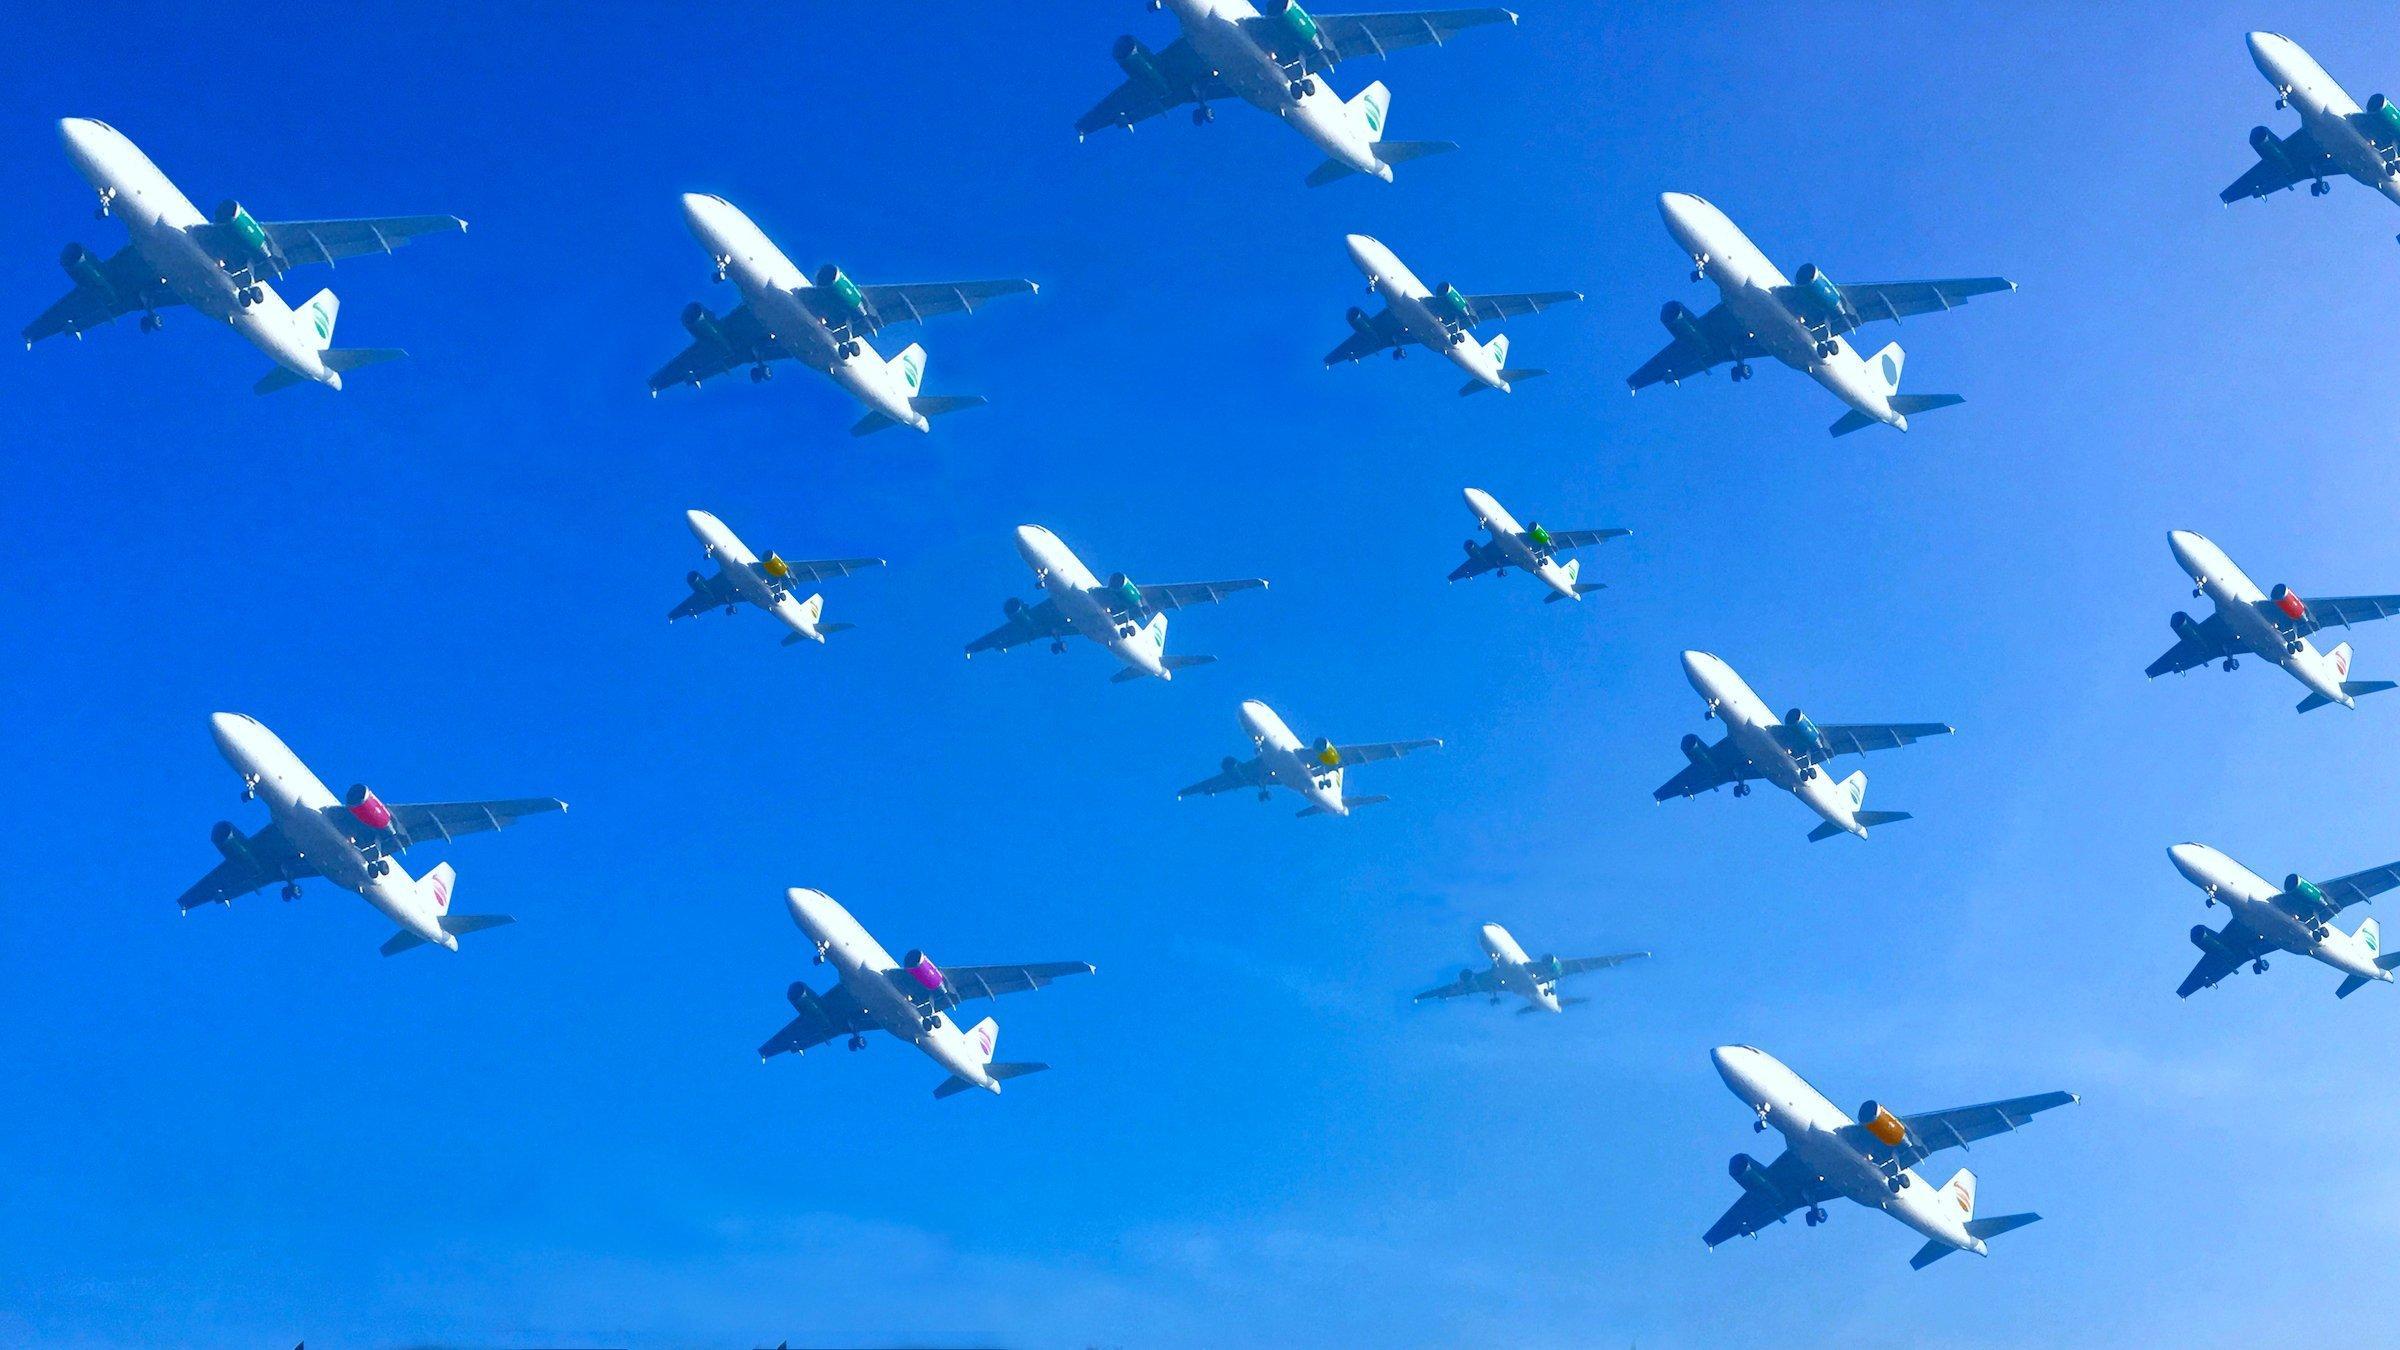 An einem blauen Himmel schwebt in dieser Fotomontage mehr als ein Dutzend Flugzeuge dicht nebeneinander auf den Landeplatz zu.